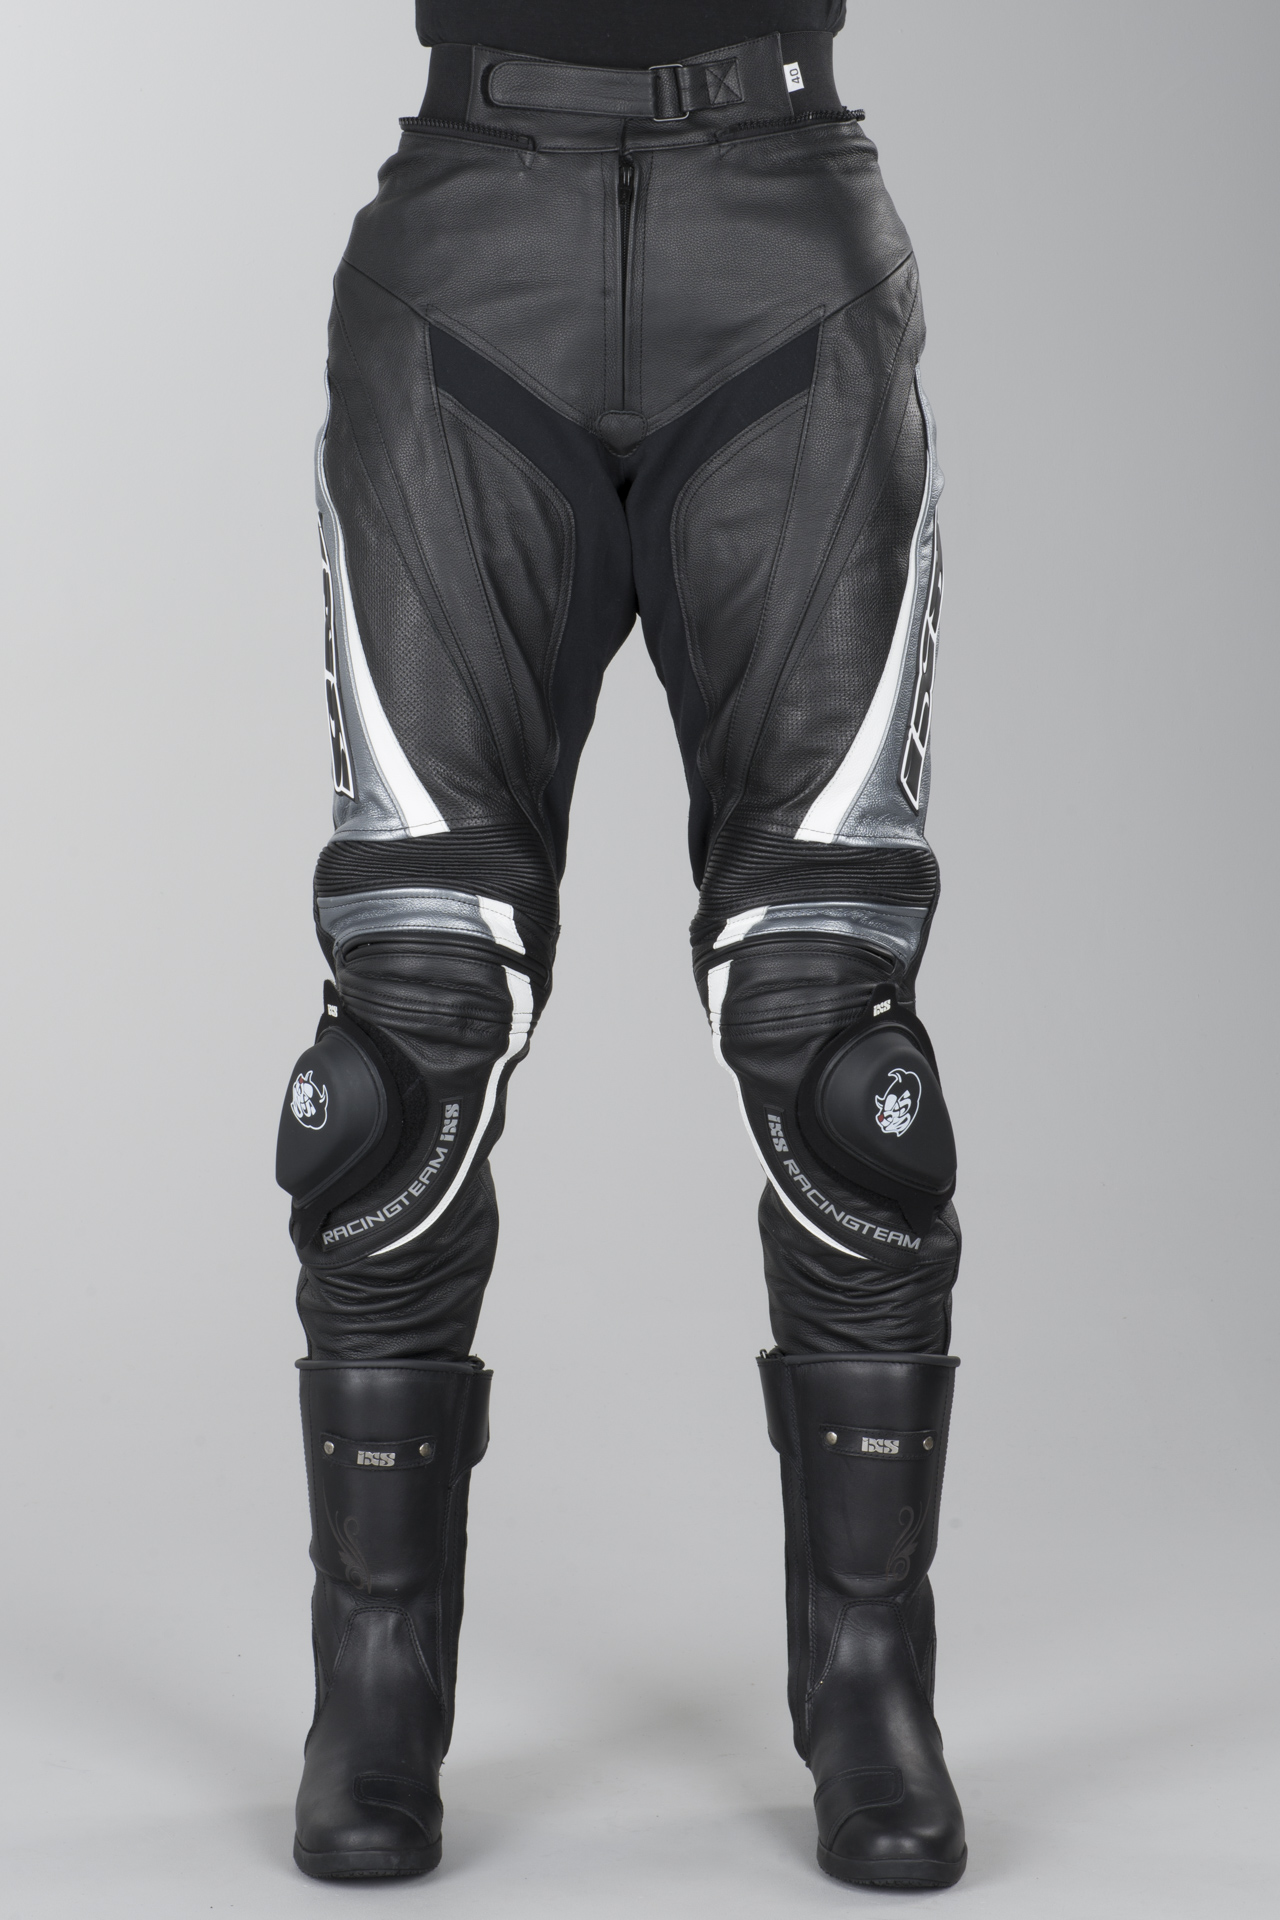 Spodnie skórzane IXS Robin 2 Czarny Szary Biały Kobieta